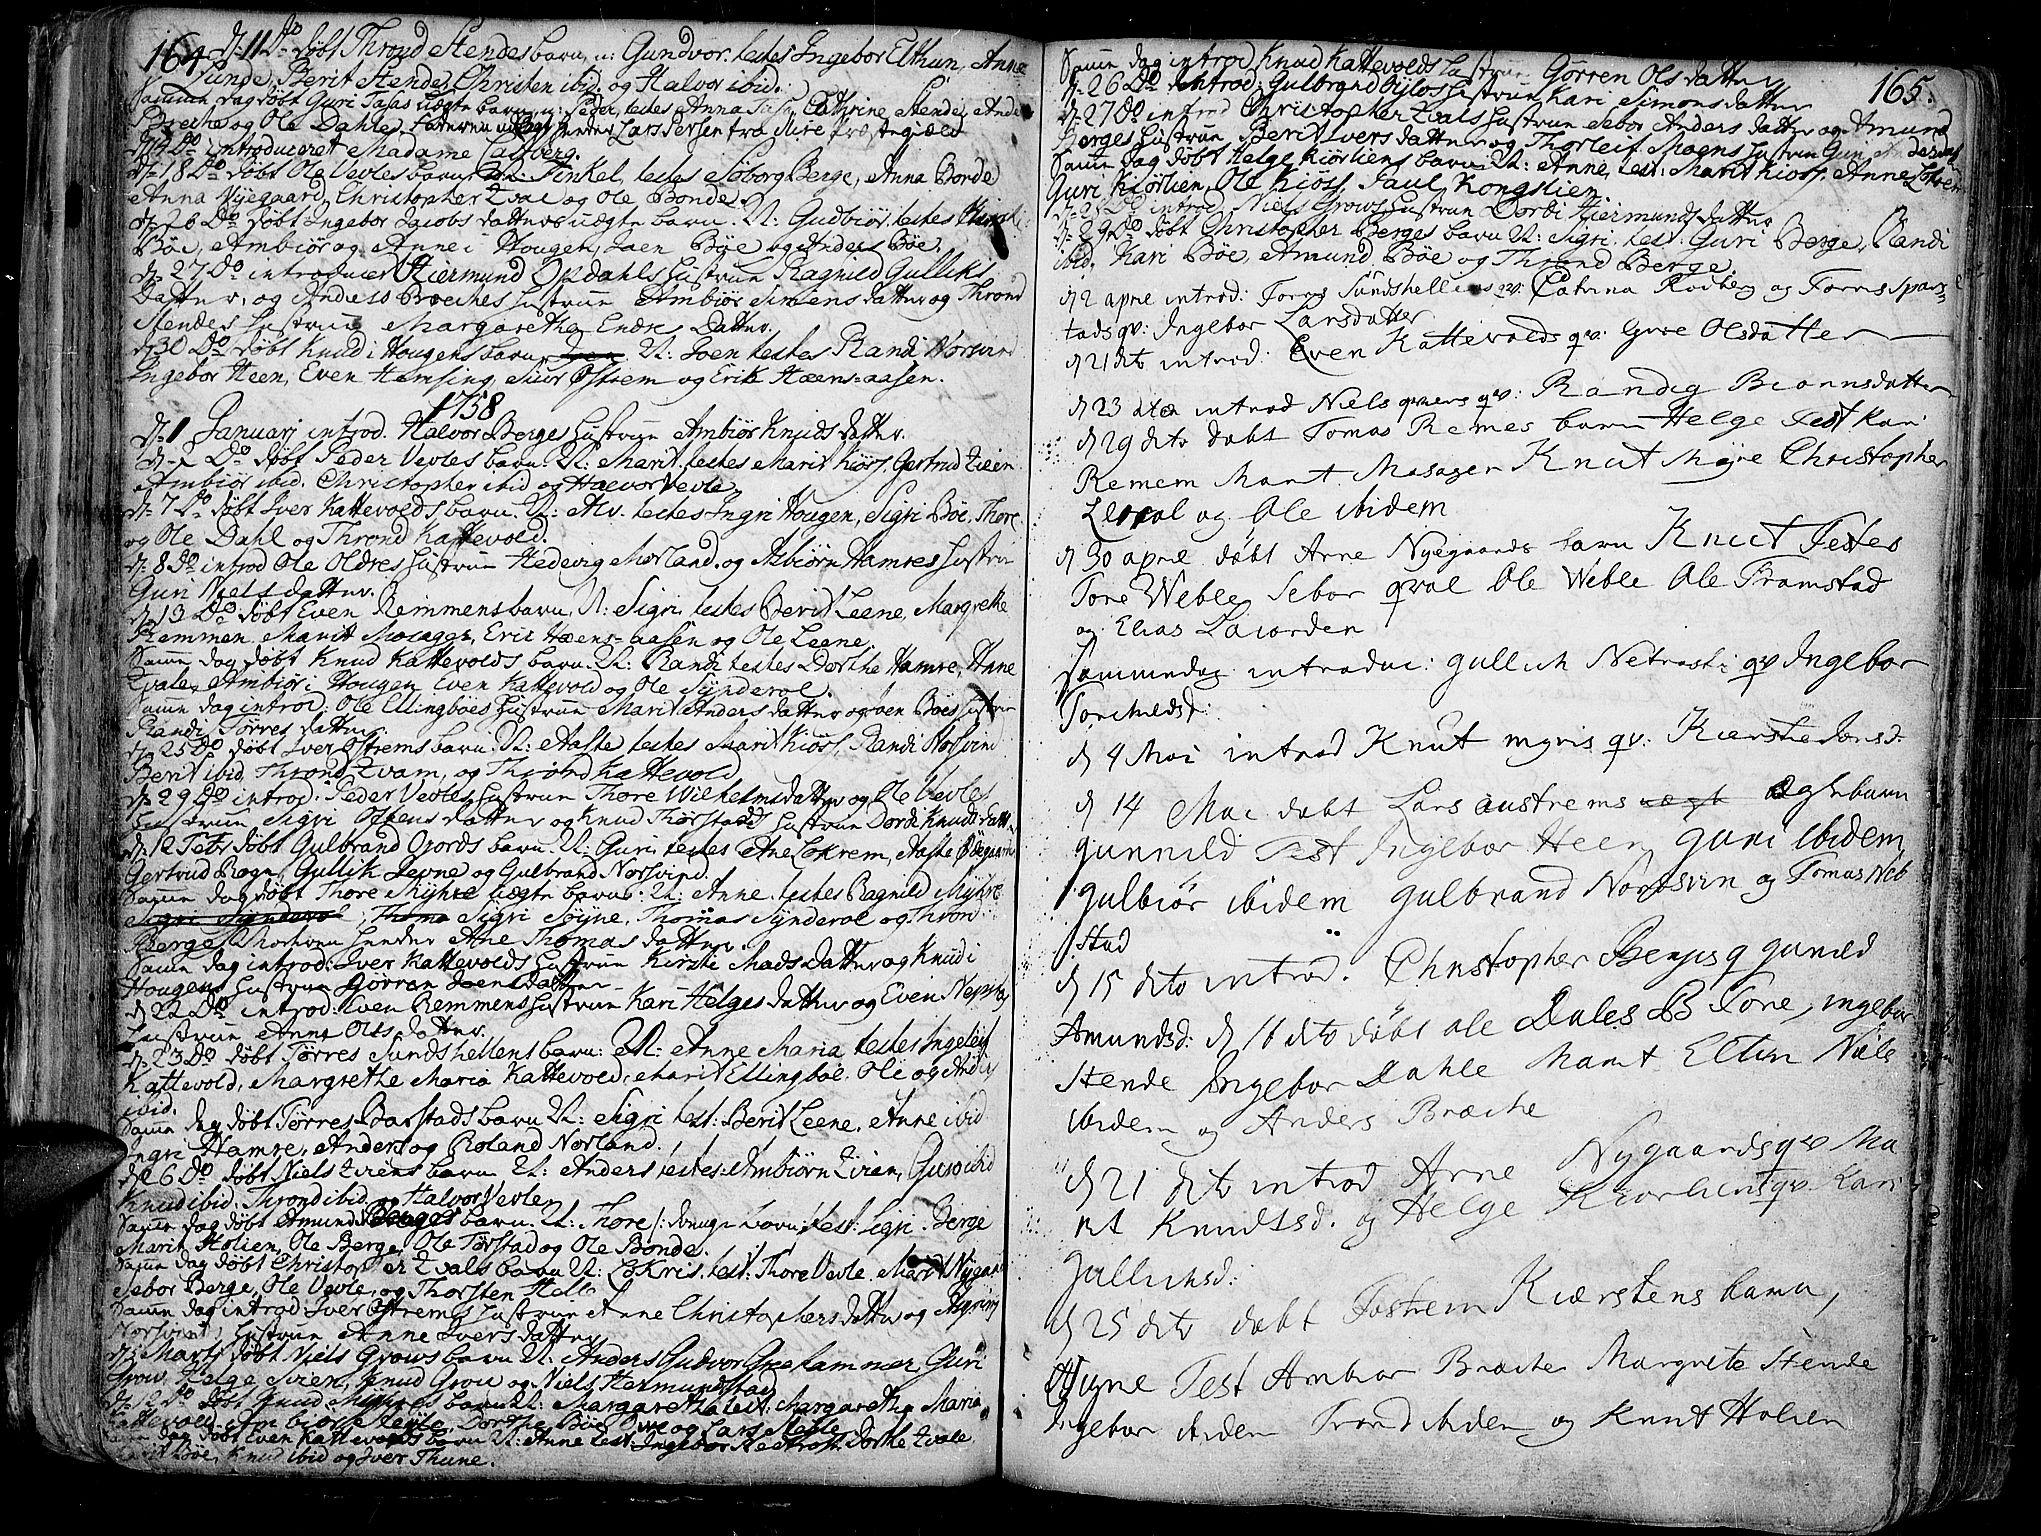 SAH, Vang prestekontor, Valdres, Ministerialbok nr. 1, 1730-1796, s. 164-165